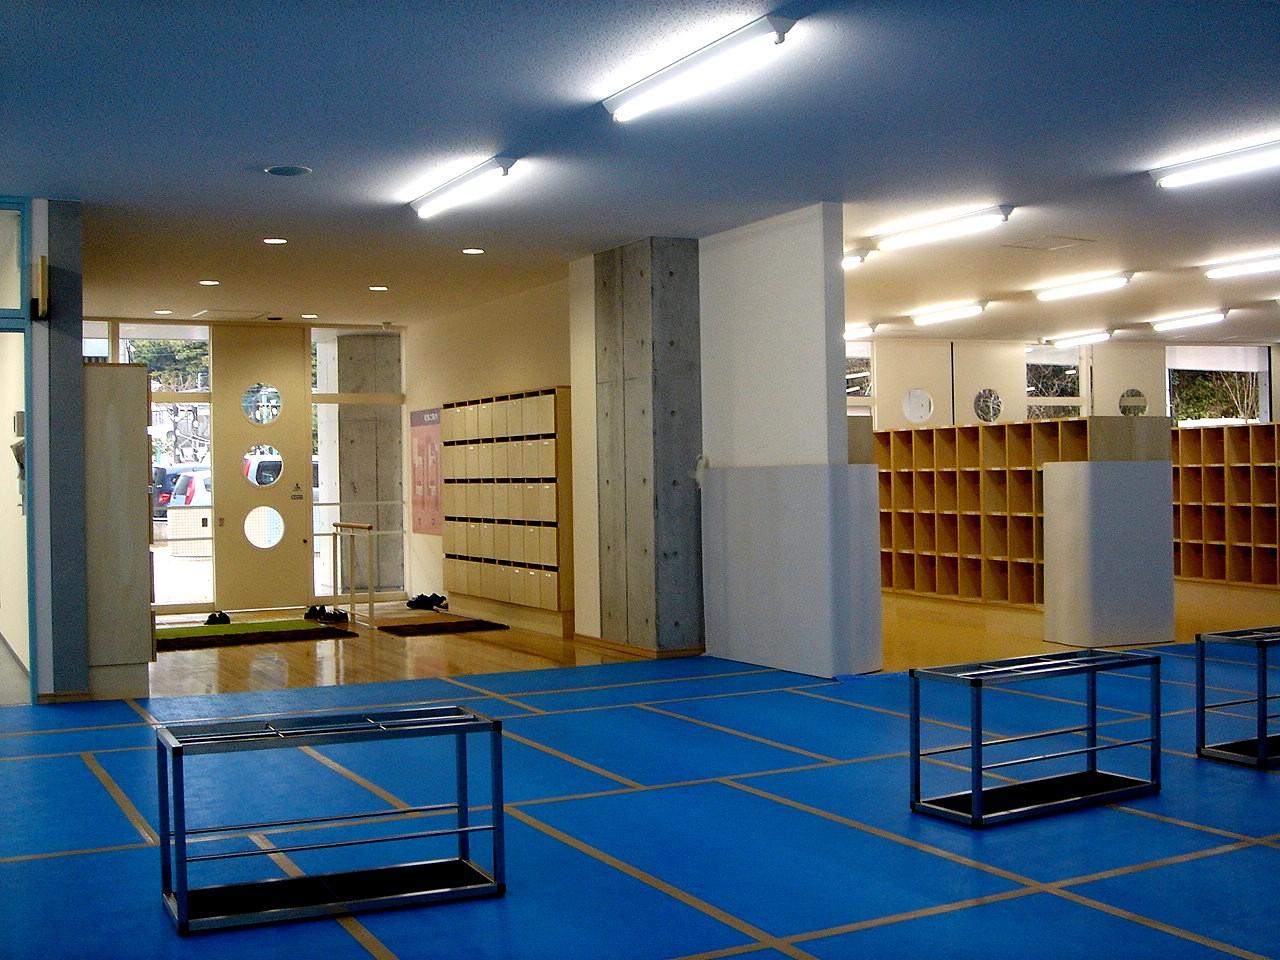 ... 市立西海神小学校の新校舎完成